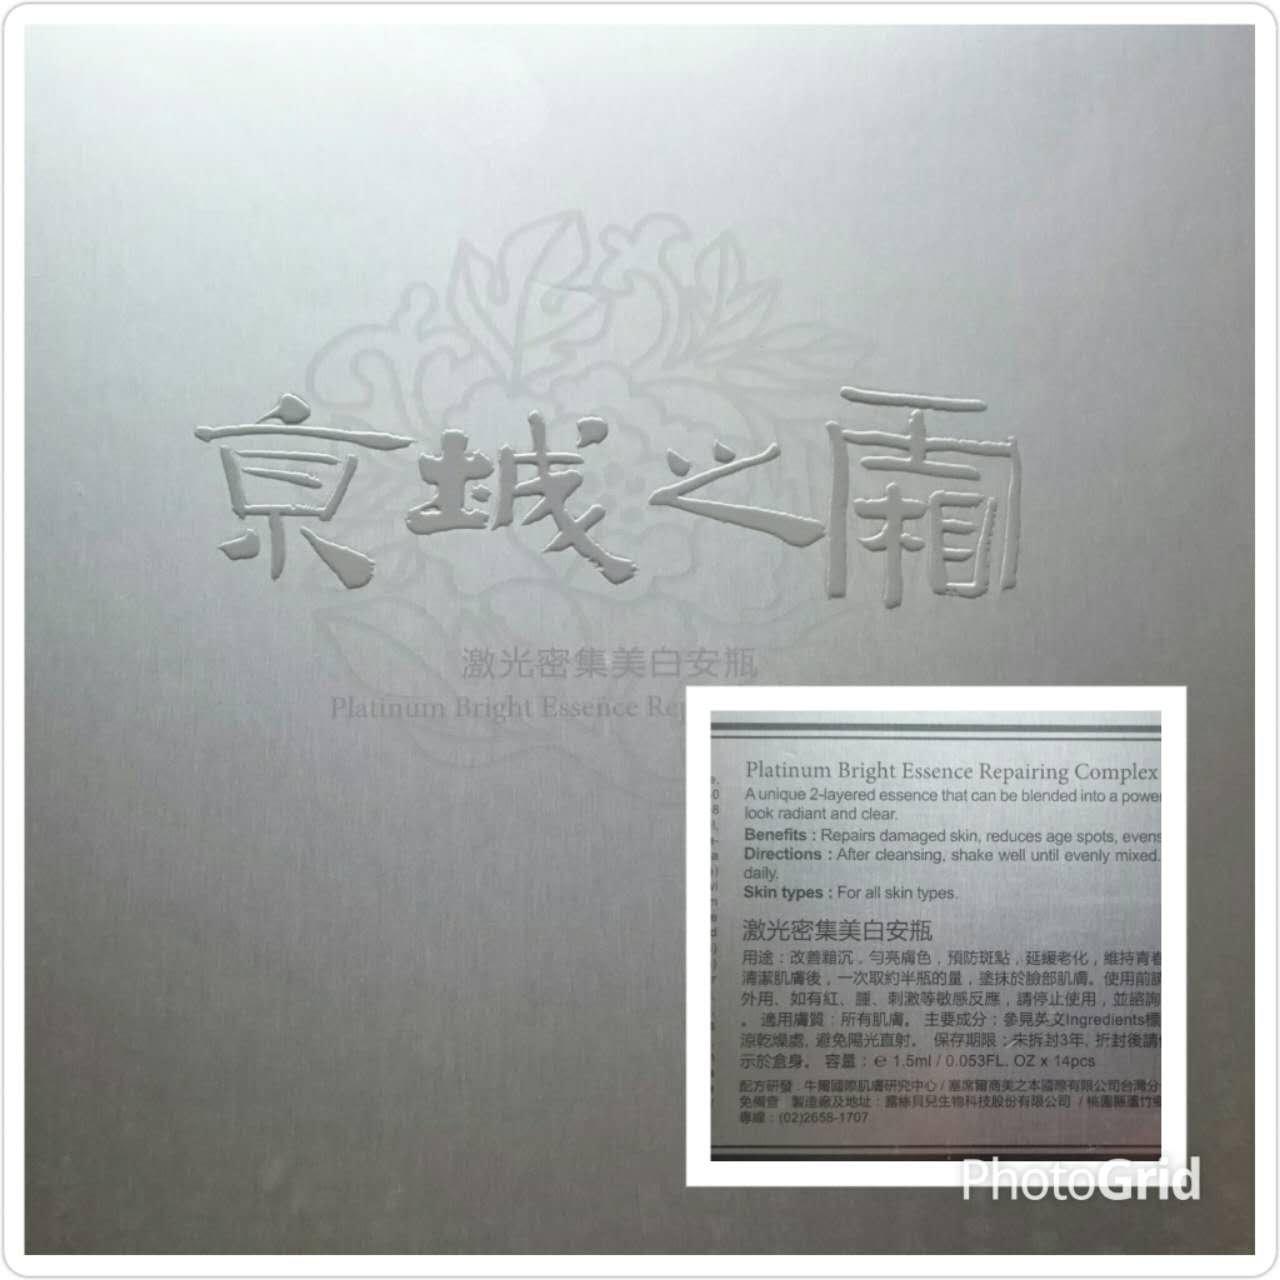 NARUKO-牛爾【京城之霜】激光密集美白安瓶 3入-售價149含運